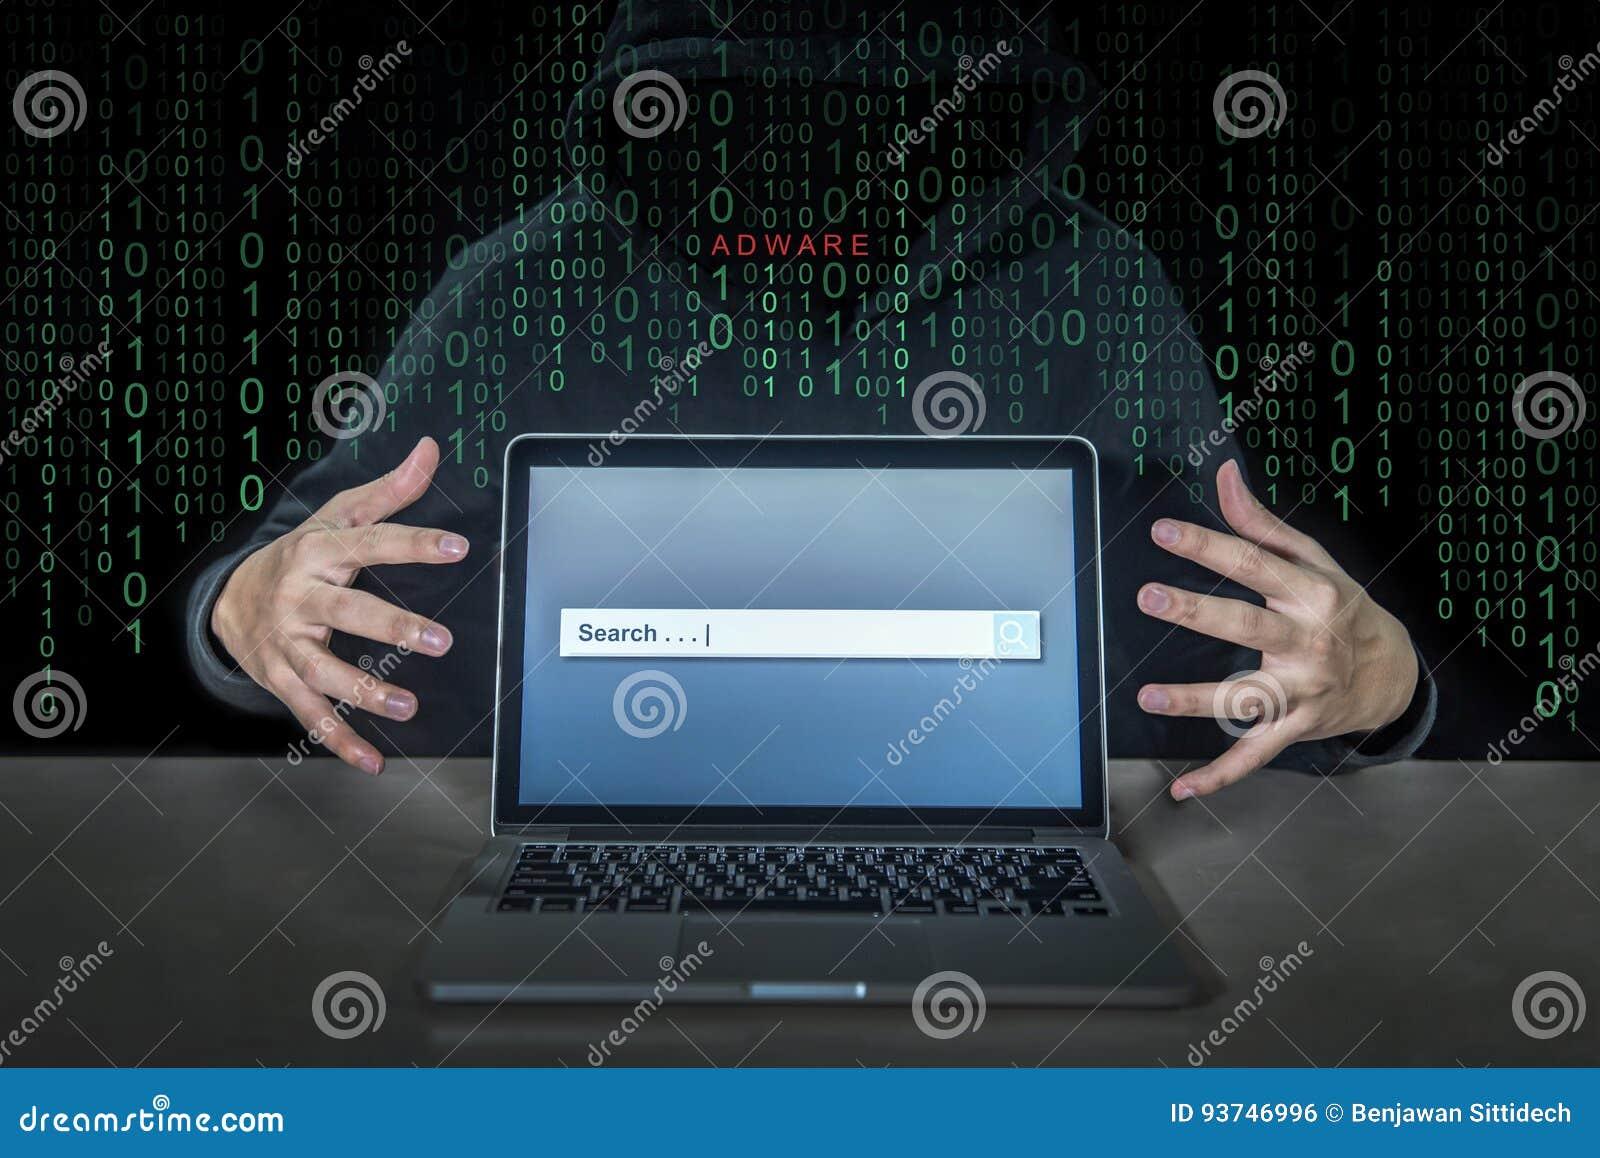 Hacker używa adware kulę ognistą kontrolować laptop